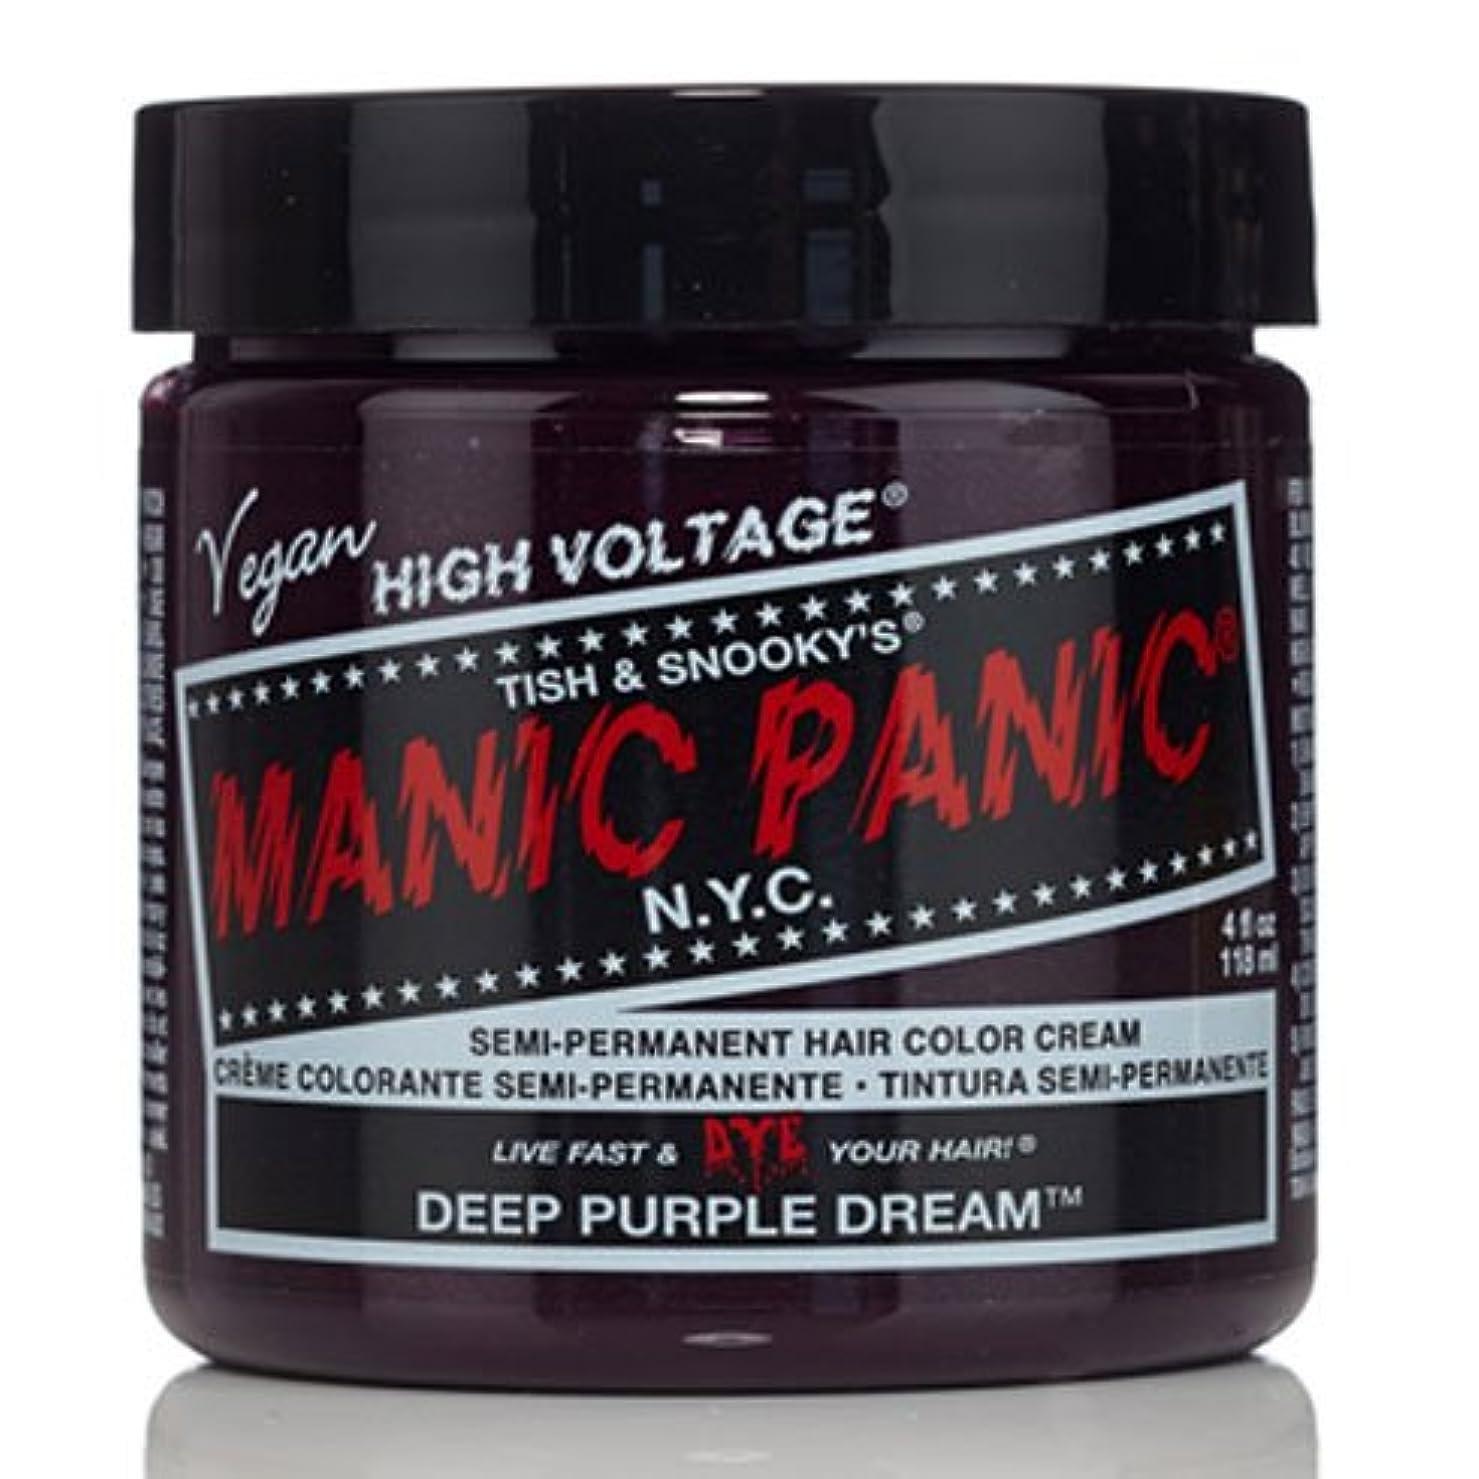 ナインへ概要を必要としていますスペシャルセットMANIC PANICマニックパニック:DEEP PURPLE DREAM (ディープパープルドリーム)+ヘアカラーケア4点セット